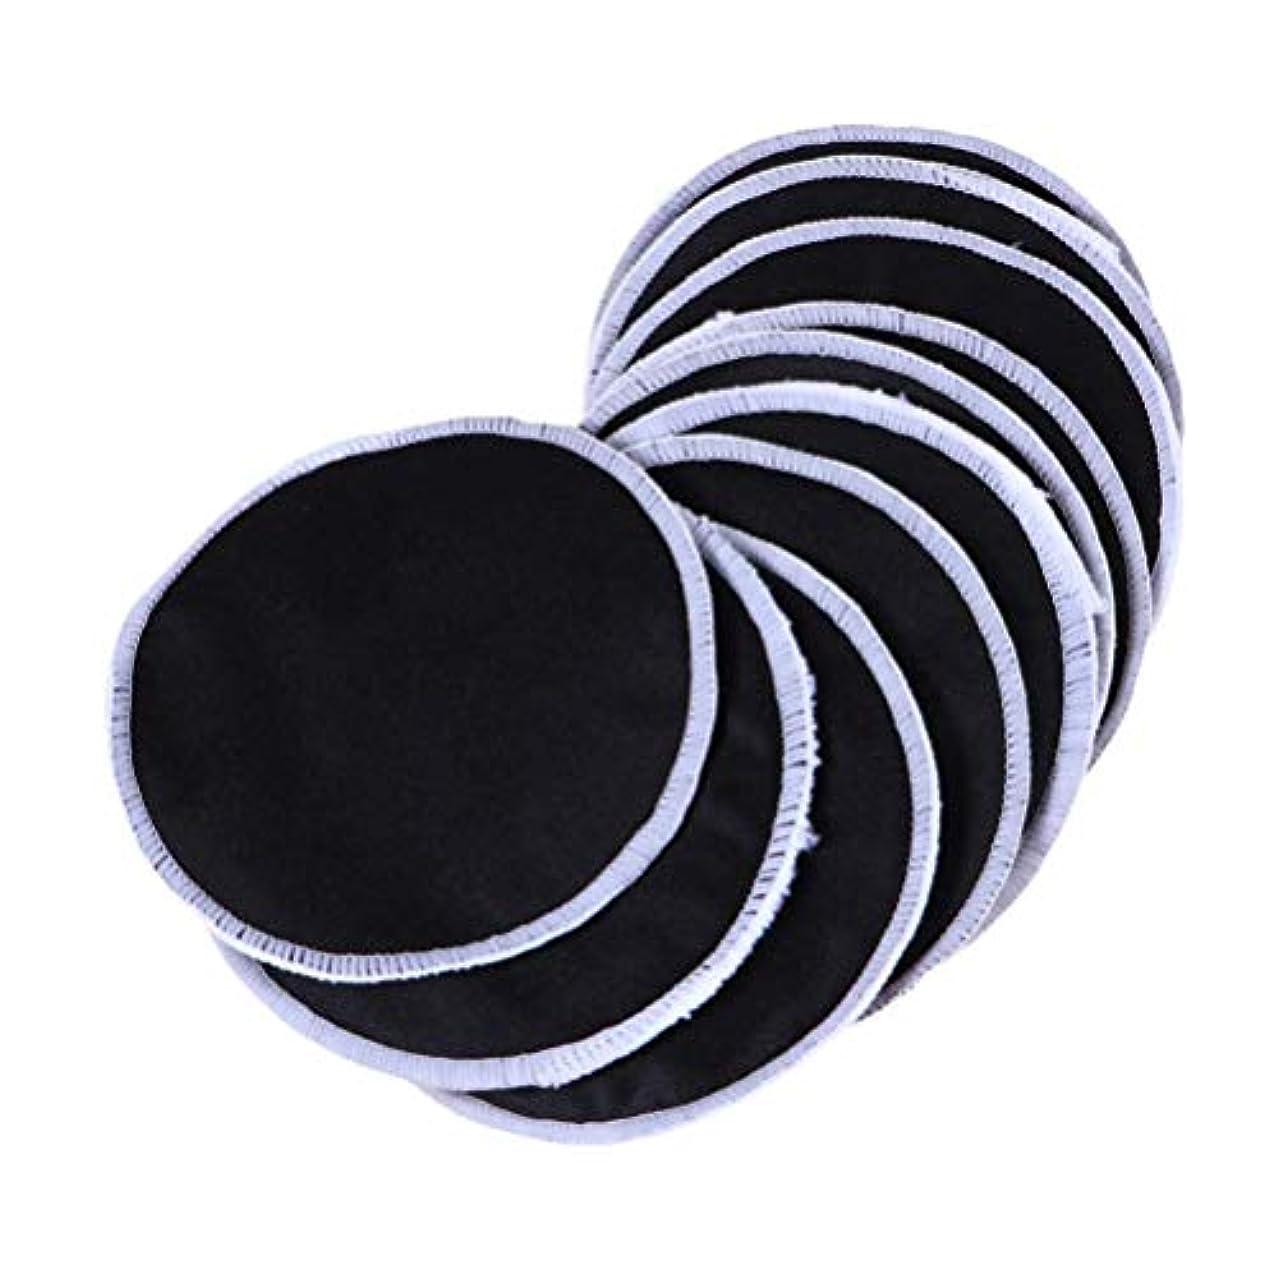 お酢楽観的ベッツィトロットウッドFrcolor 14pcs竹化粧リムーバーパッド3層再利用可能な綿ラウンドパッドクレンジングワイプウォッシャブルクリーンスキンケア(黒)